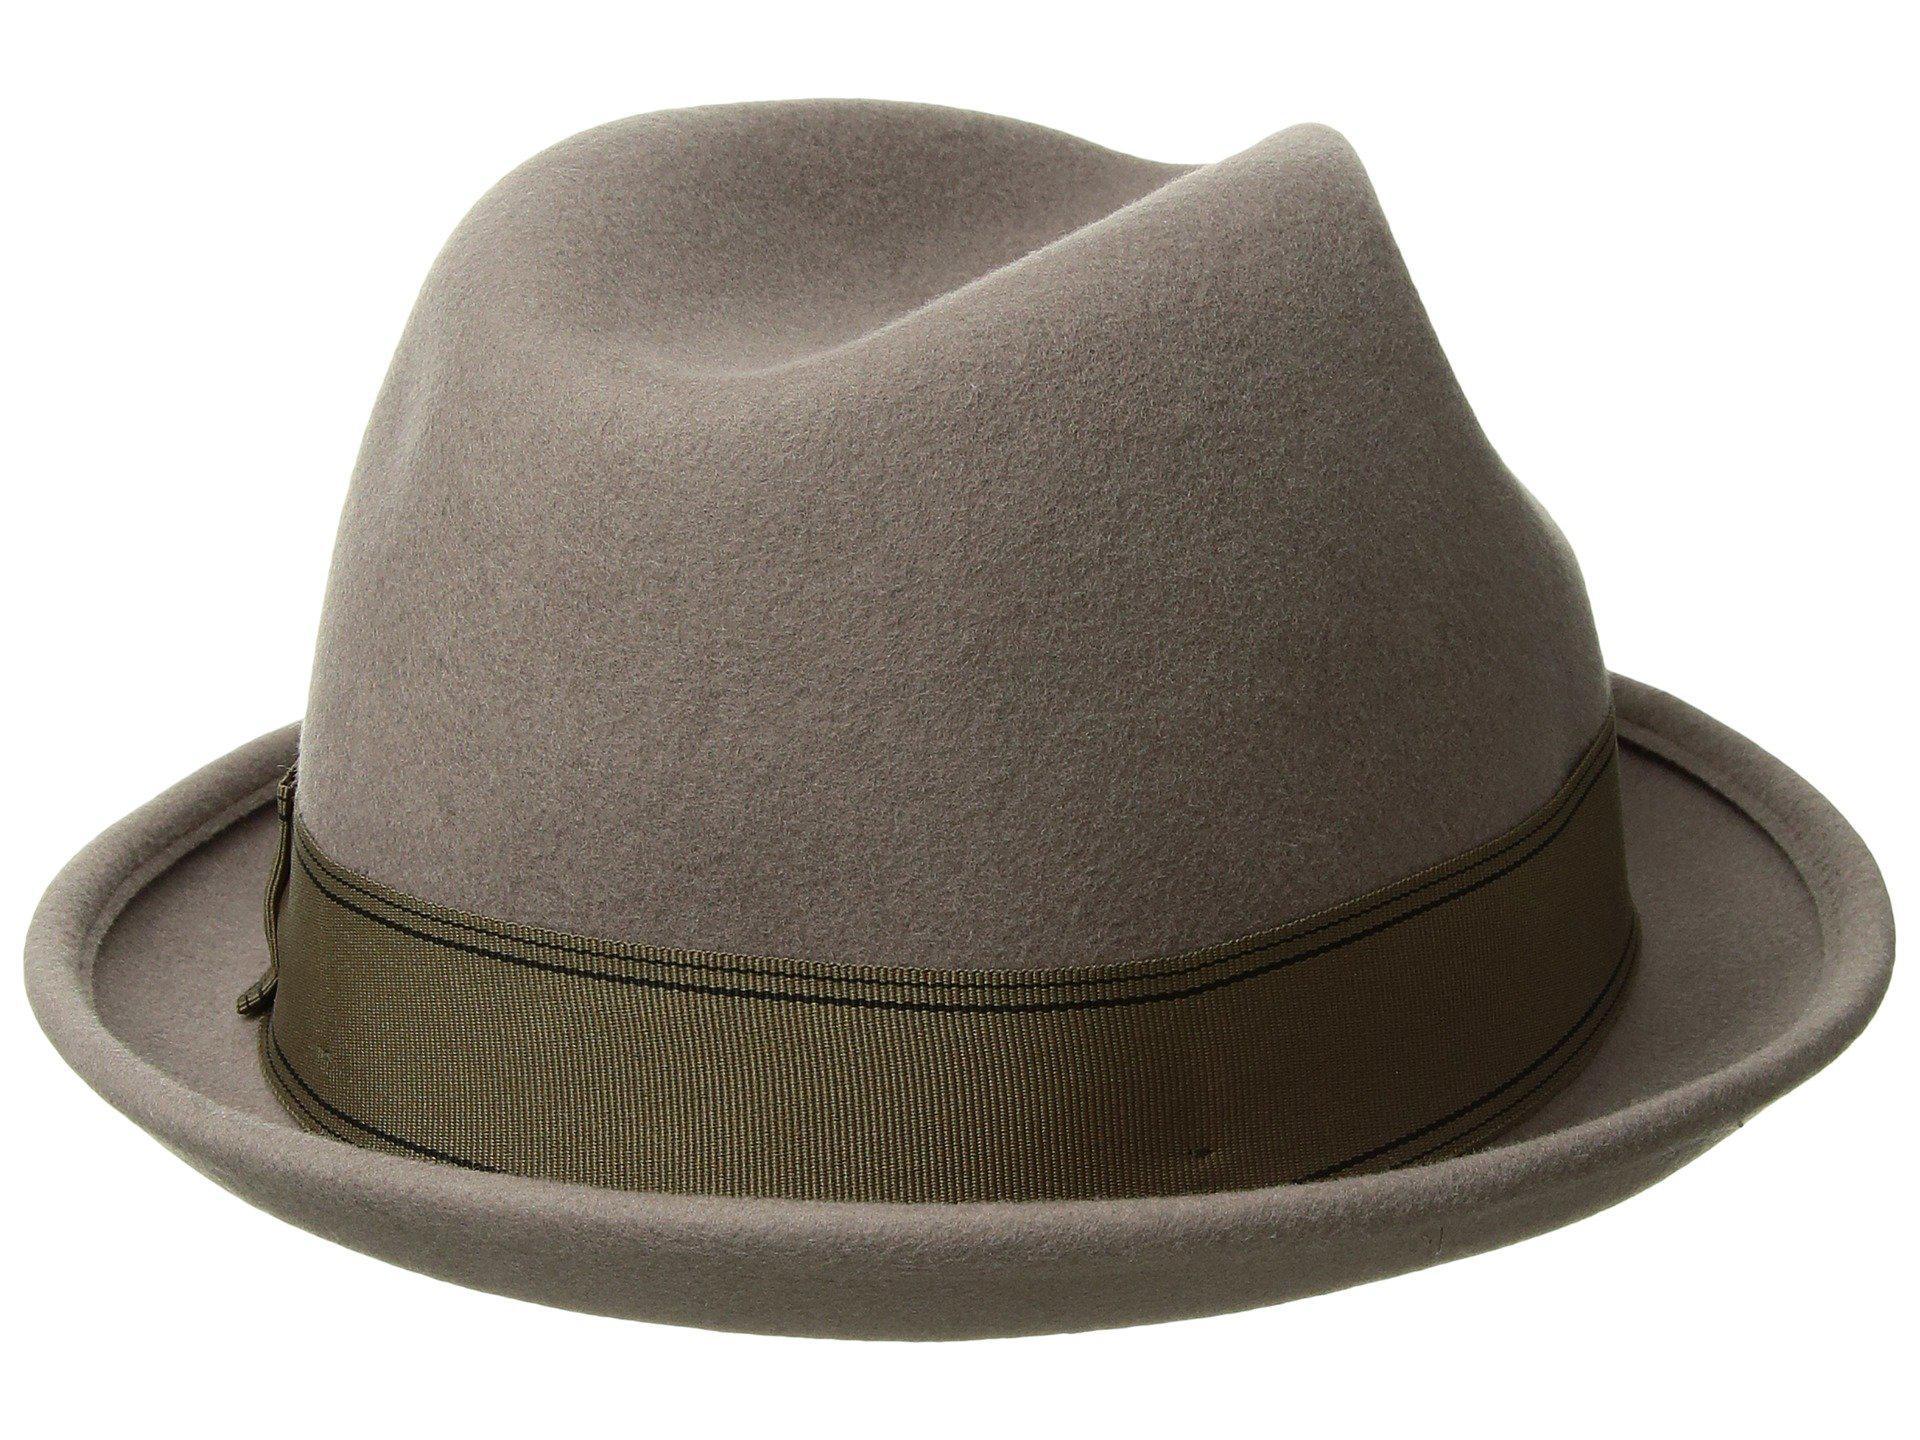 Brixton Men S Field Wide Brim Felt Fedora Hat - Hat HD Image Ukjugs.Org 51c81f361f72